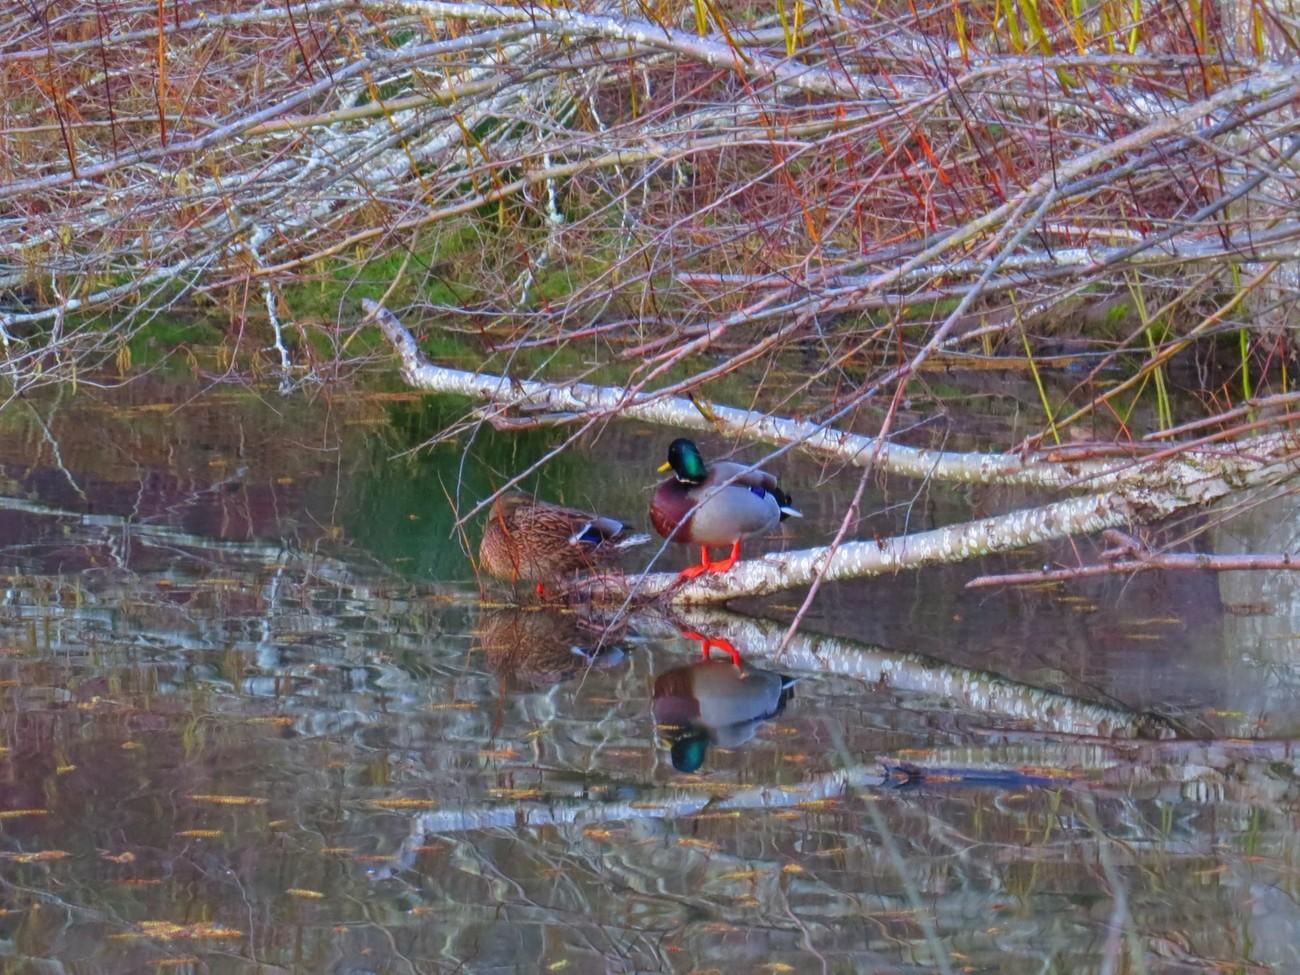 Ducks on a fallen tree